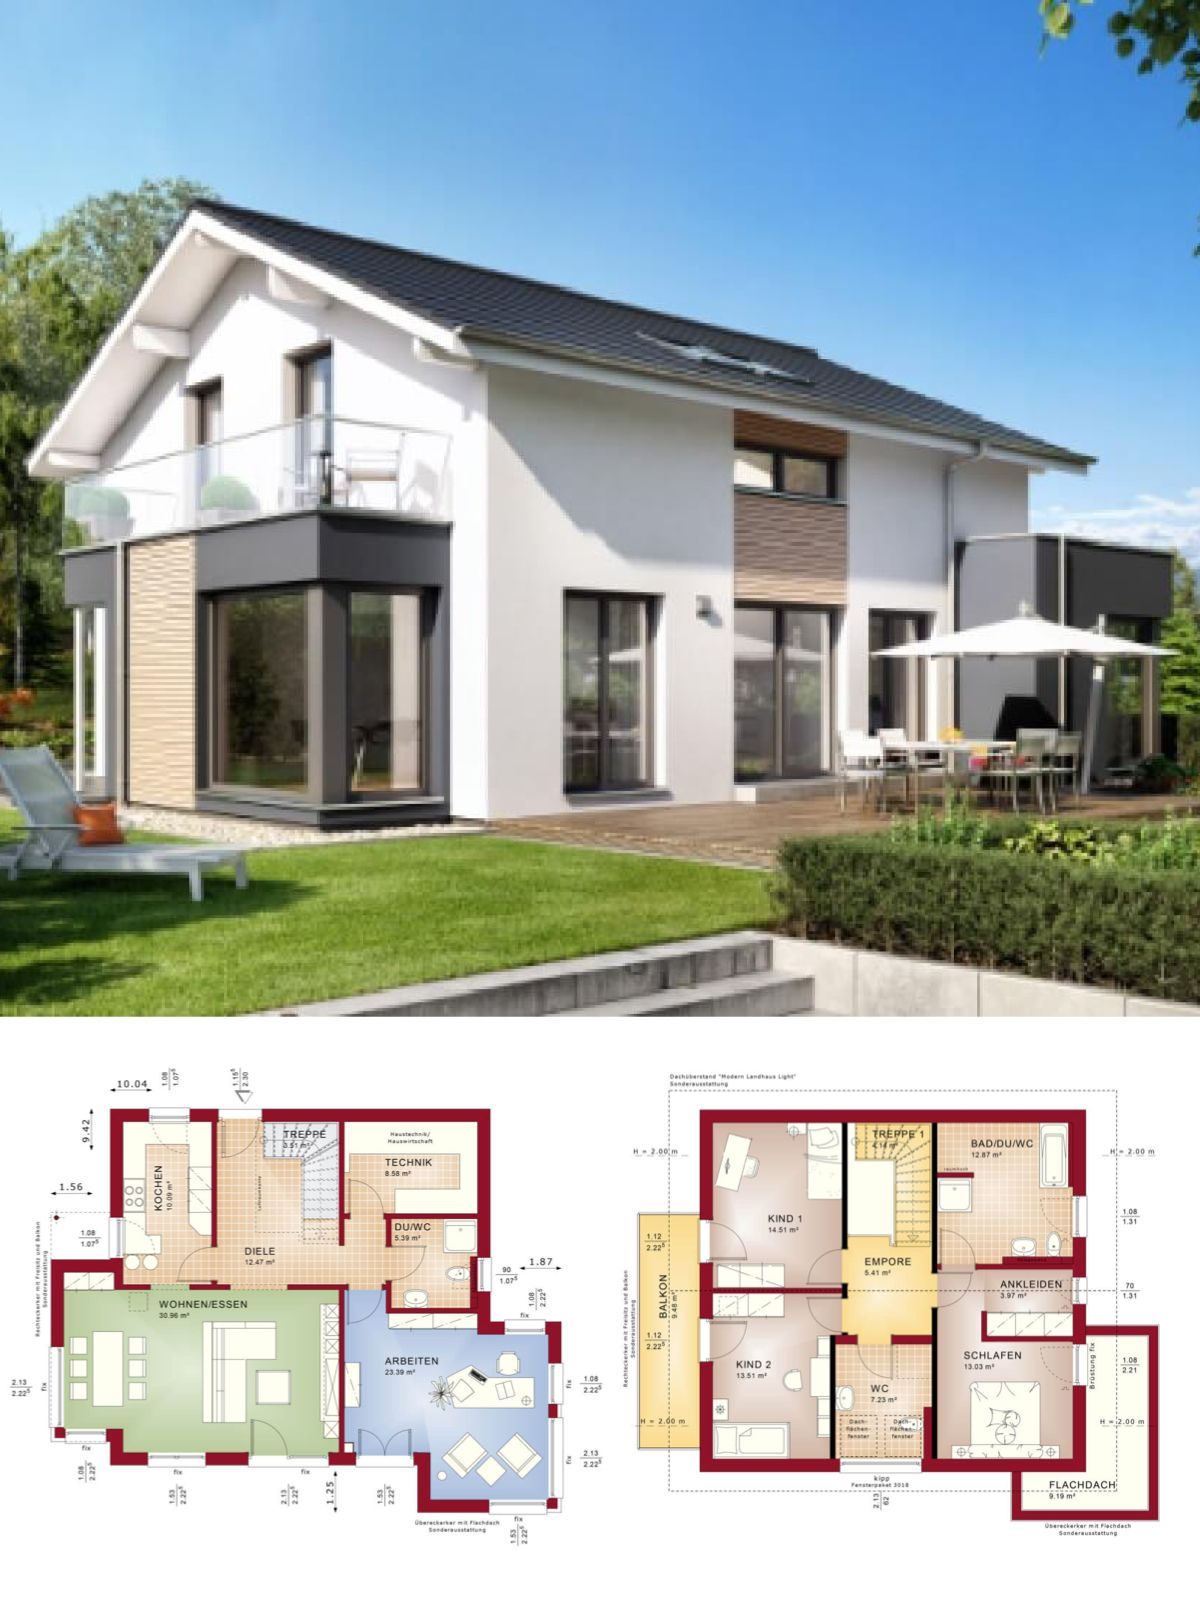 Einfamilienhaus neubau modern mit satteldach architektur for Hausbau ideen bauplane